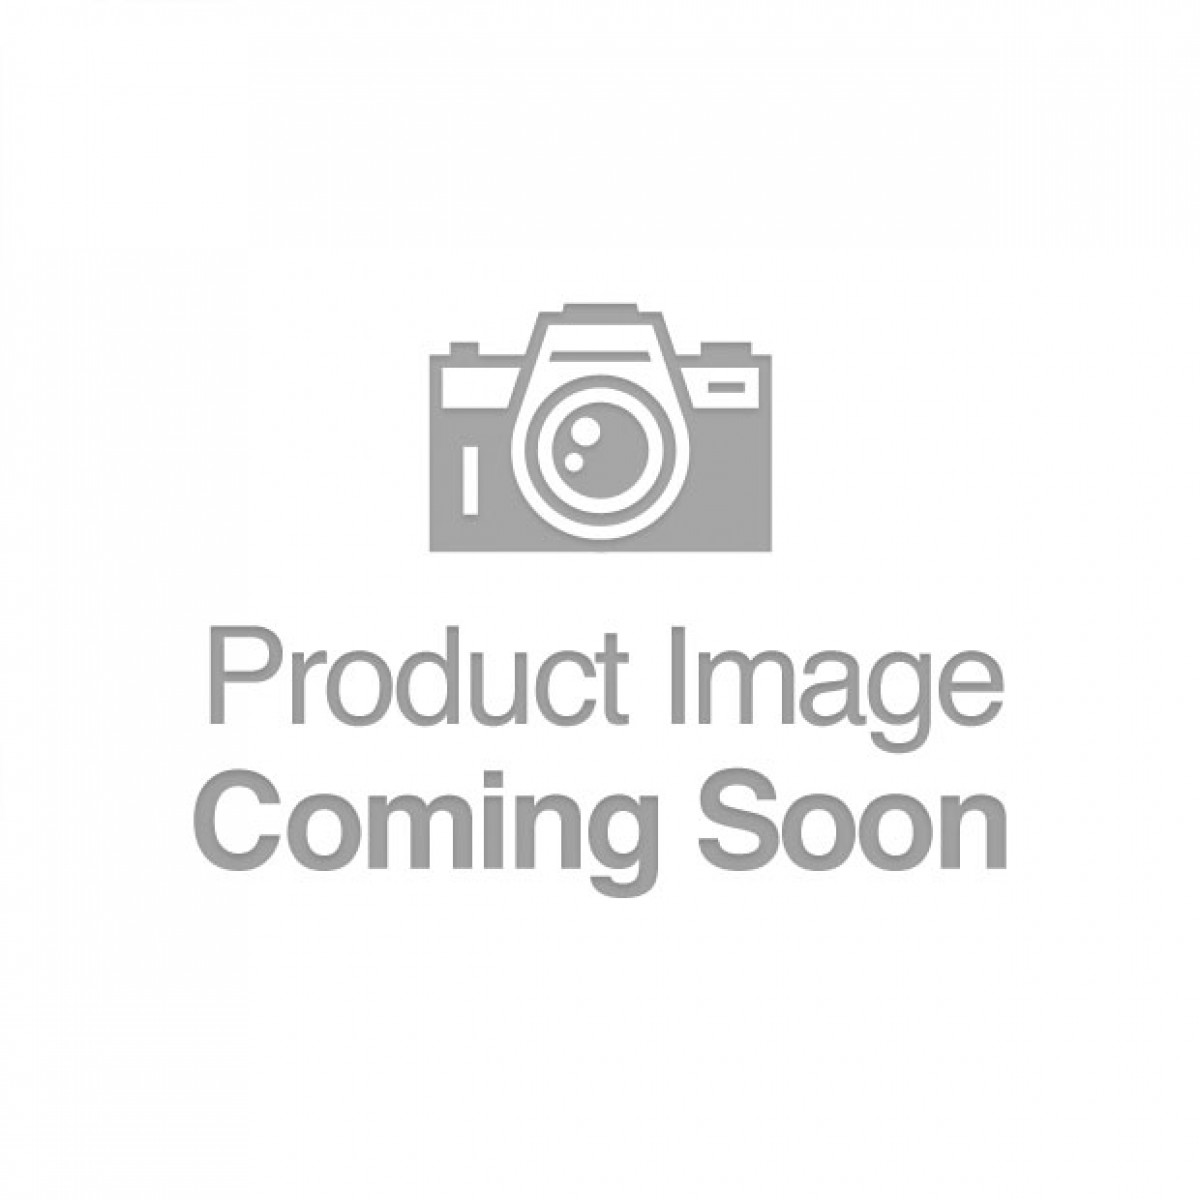 b-Vibe Bump Texture Vibrating Plug X Zoe Ligon - Mint